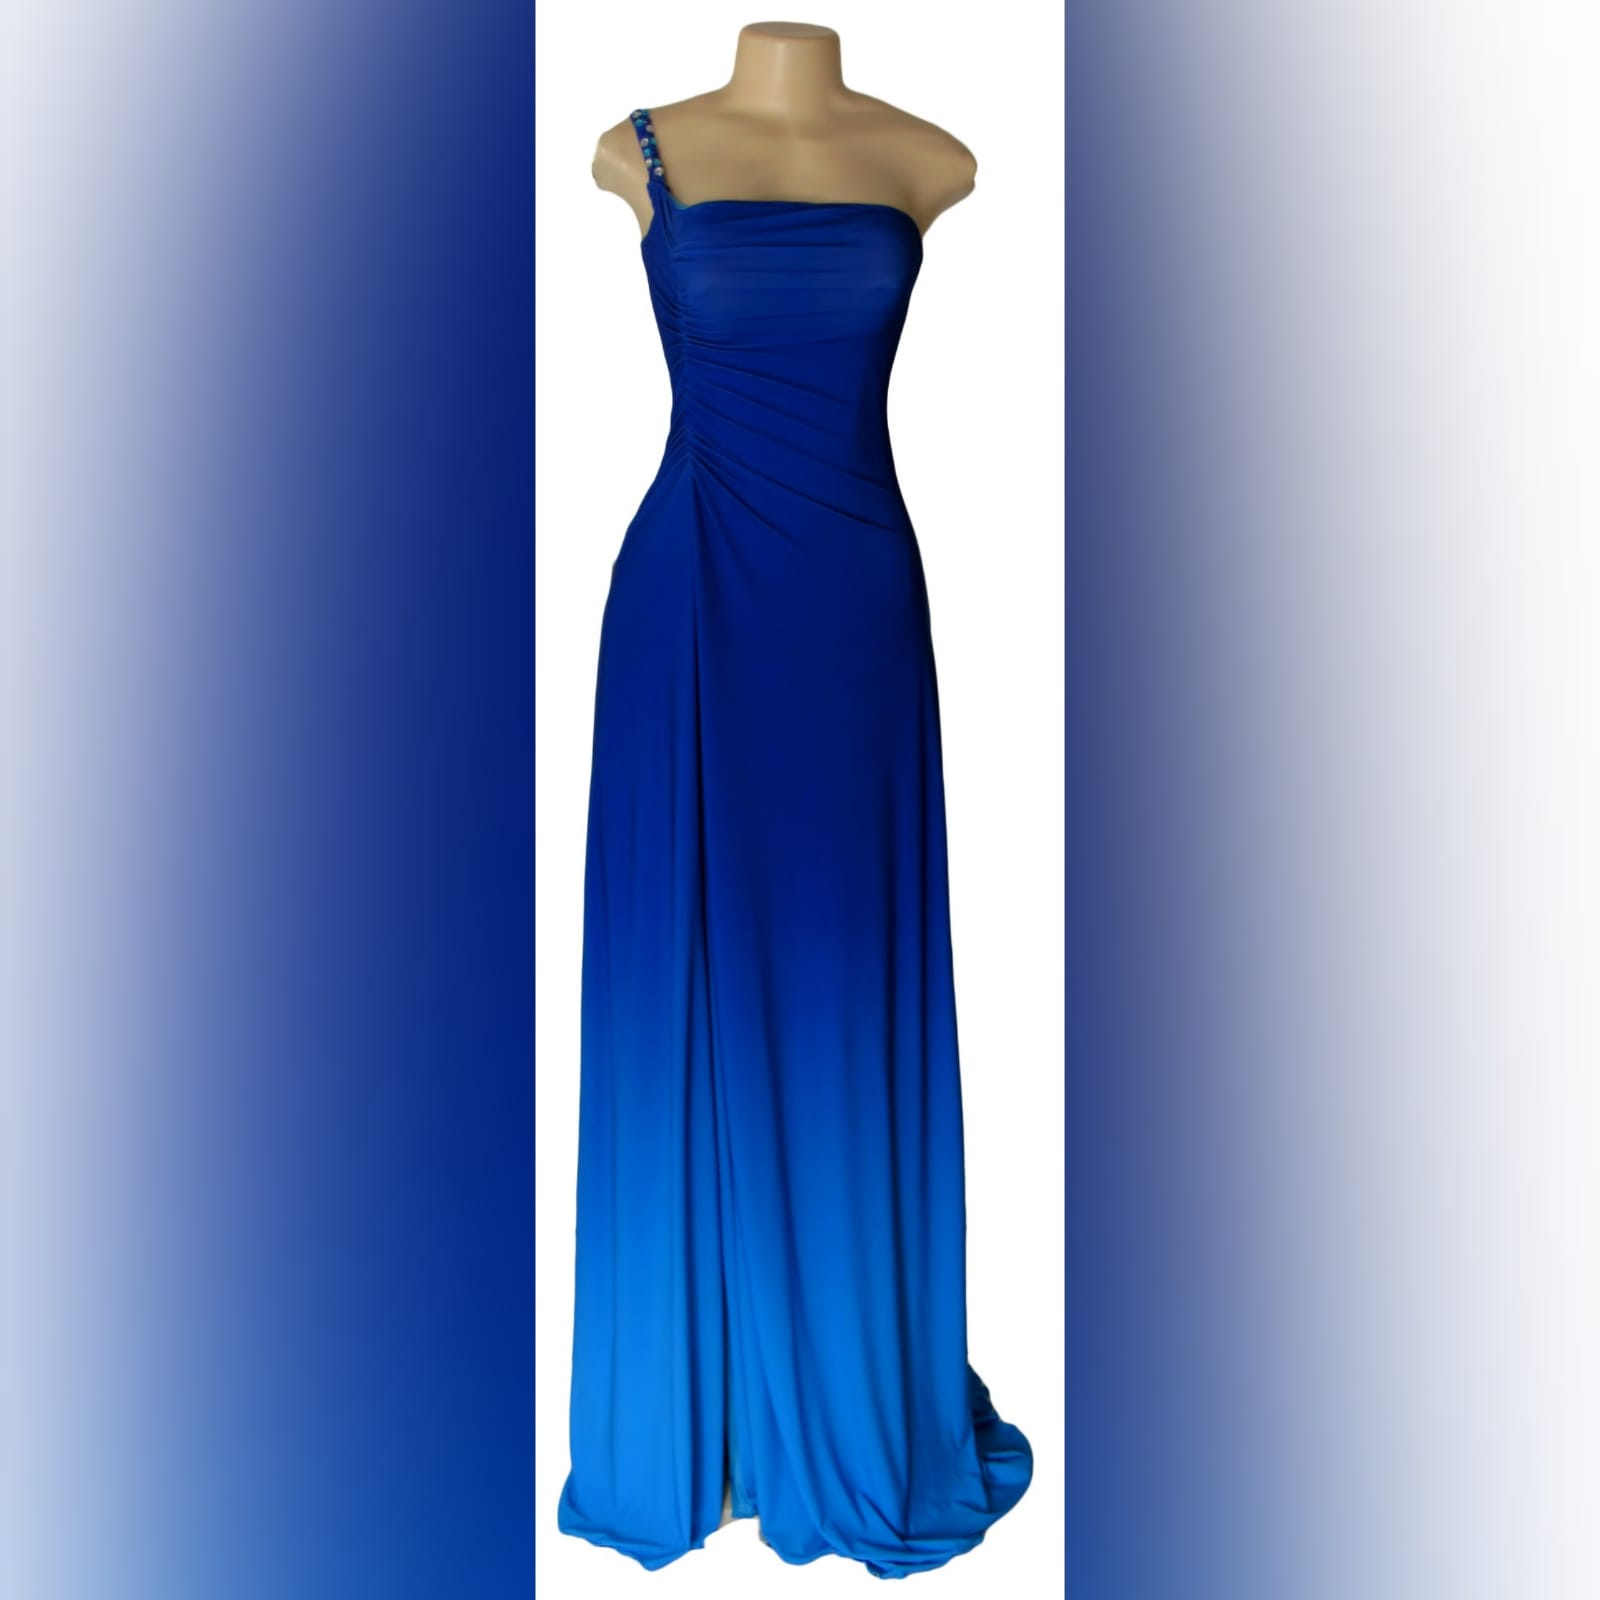 Vestido de dama de honra em sombra de azul 3 vestido de dama de honra em sombra de azul, com um único ombro com talões